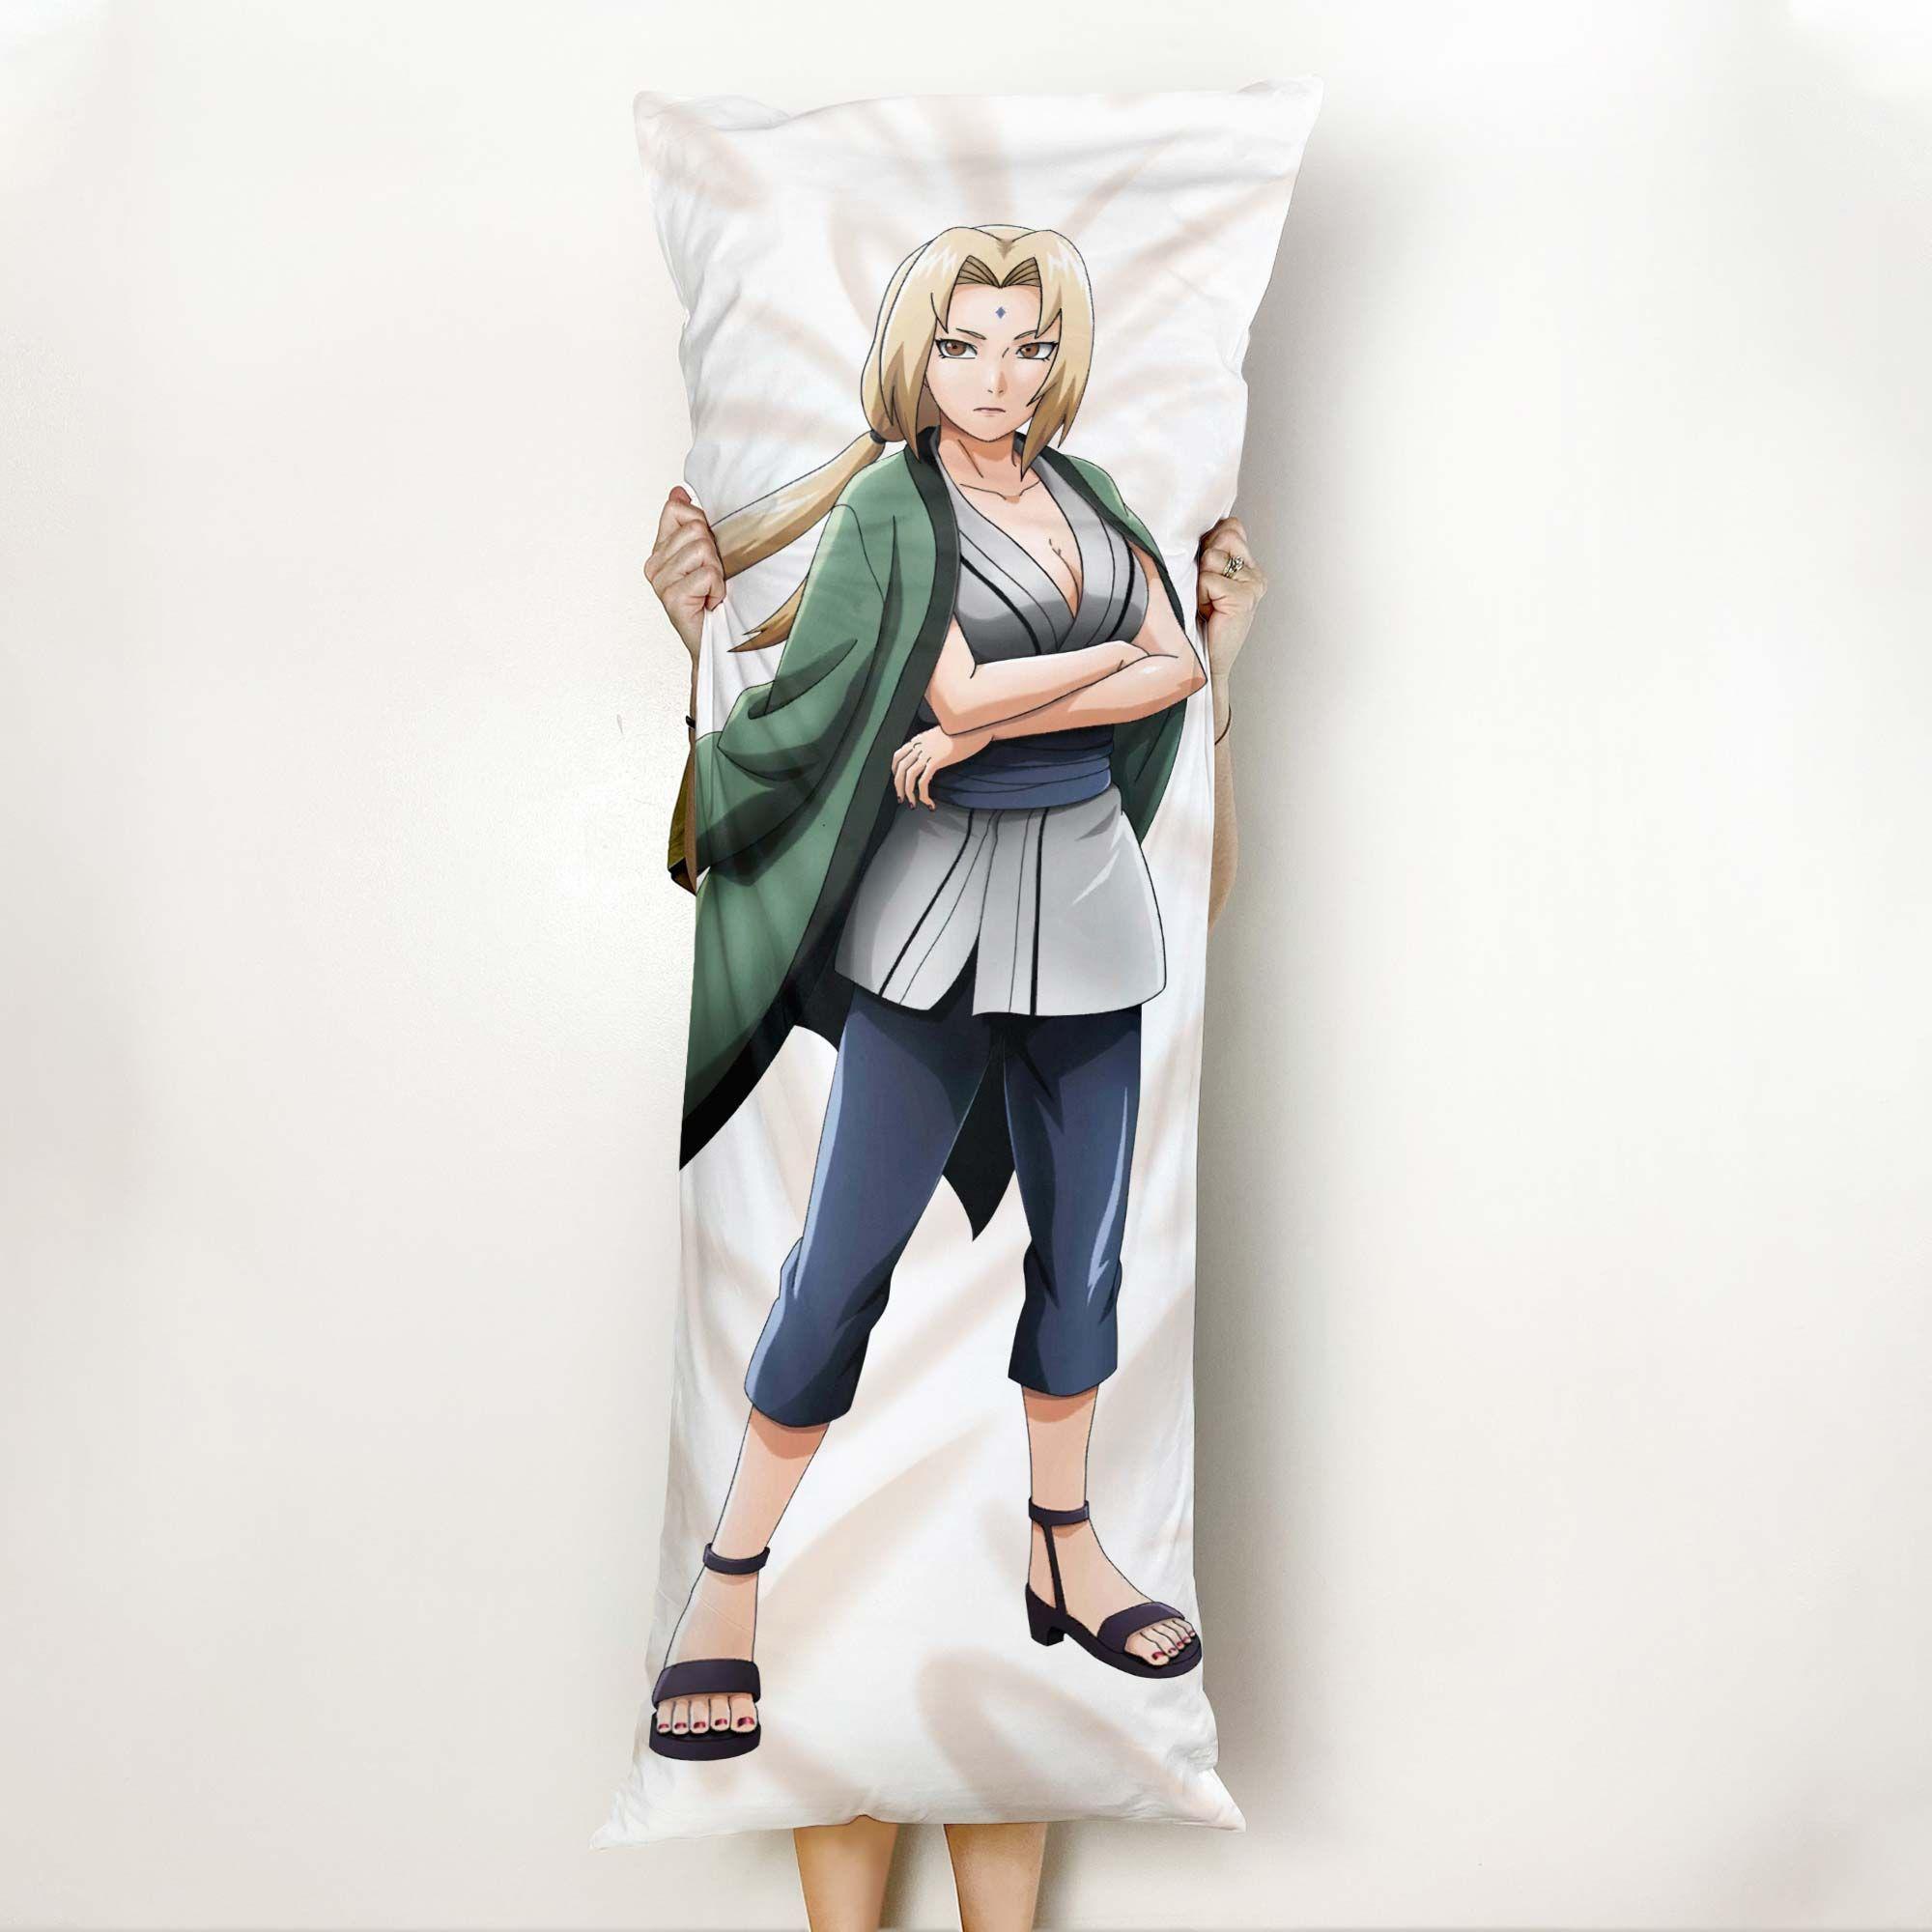 Tsunade Body Pillow Cover Anime Gifts Idea For Otaku Girl Official Merch GO0110